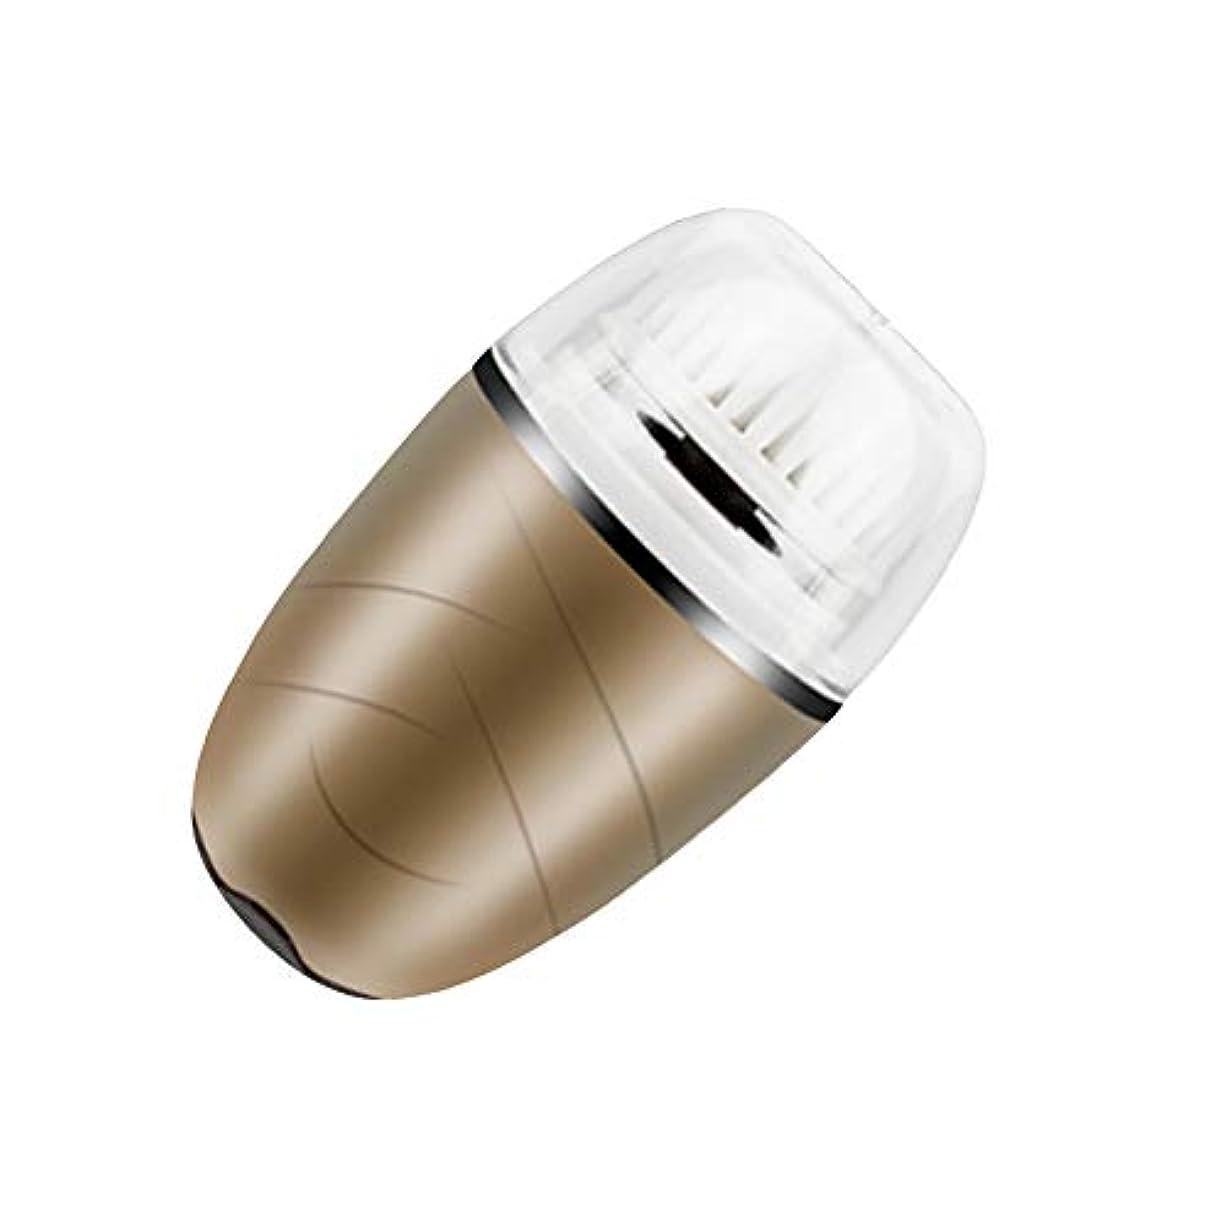 白雪姫かご六月洗顔ブラシ、電動ソニックフェイスブラシ振動顔クレンジングシステム防水ブラシにきびエクスフォリエーター USB 充電式,Gold